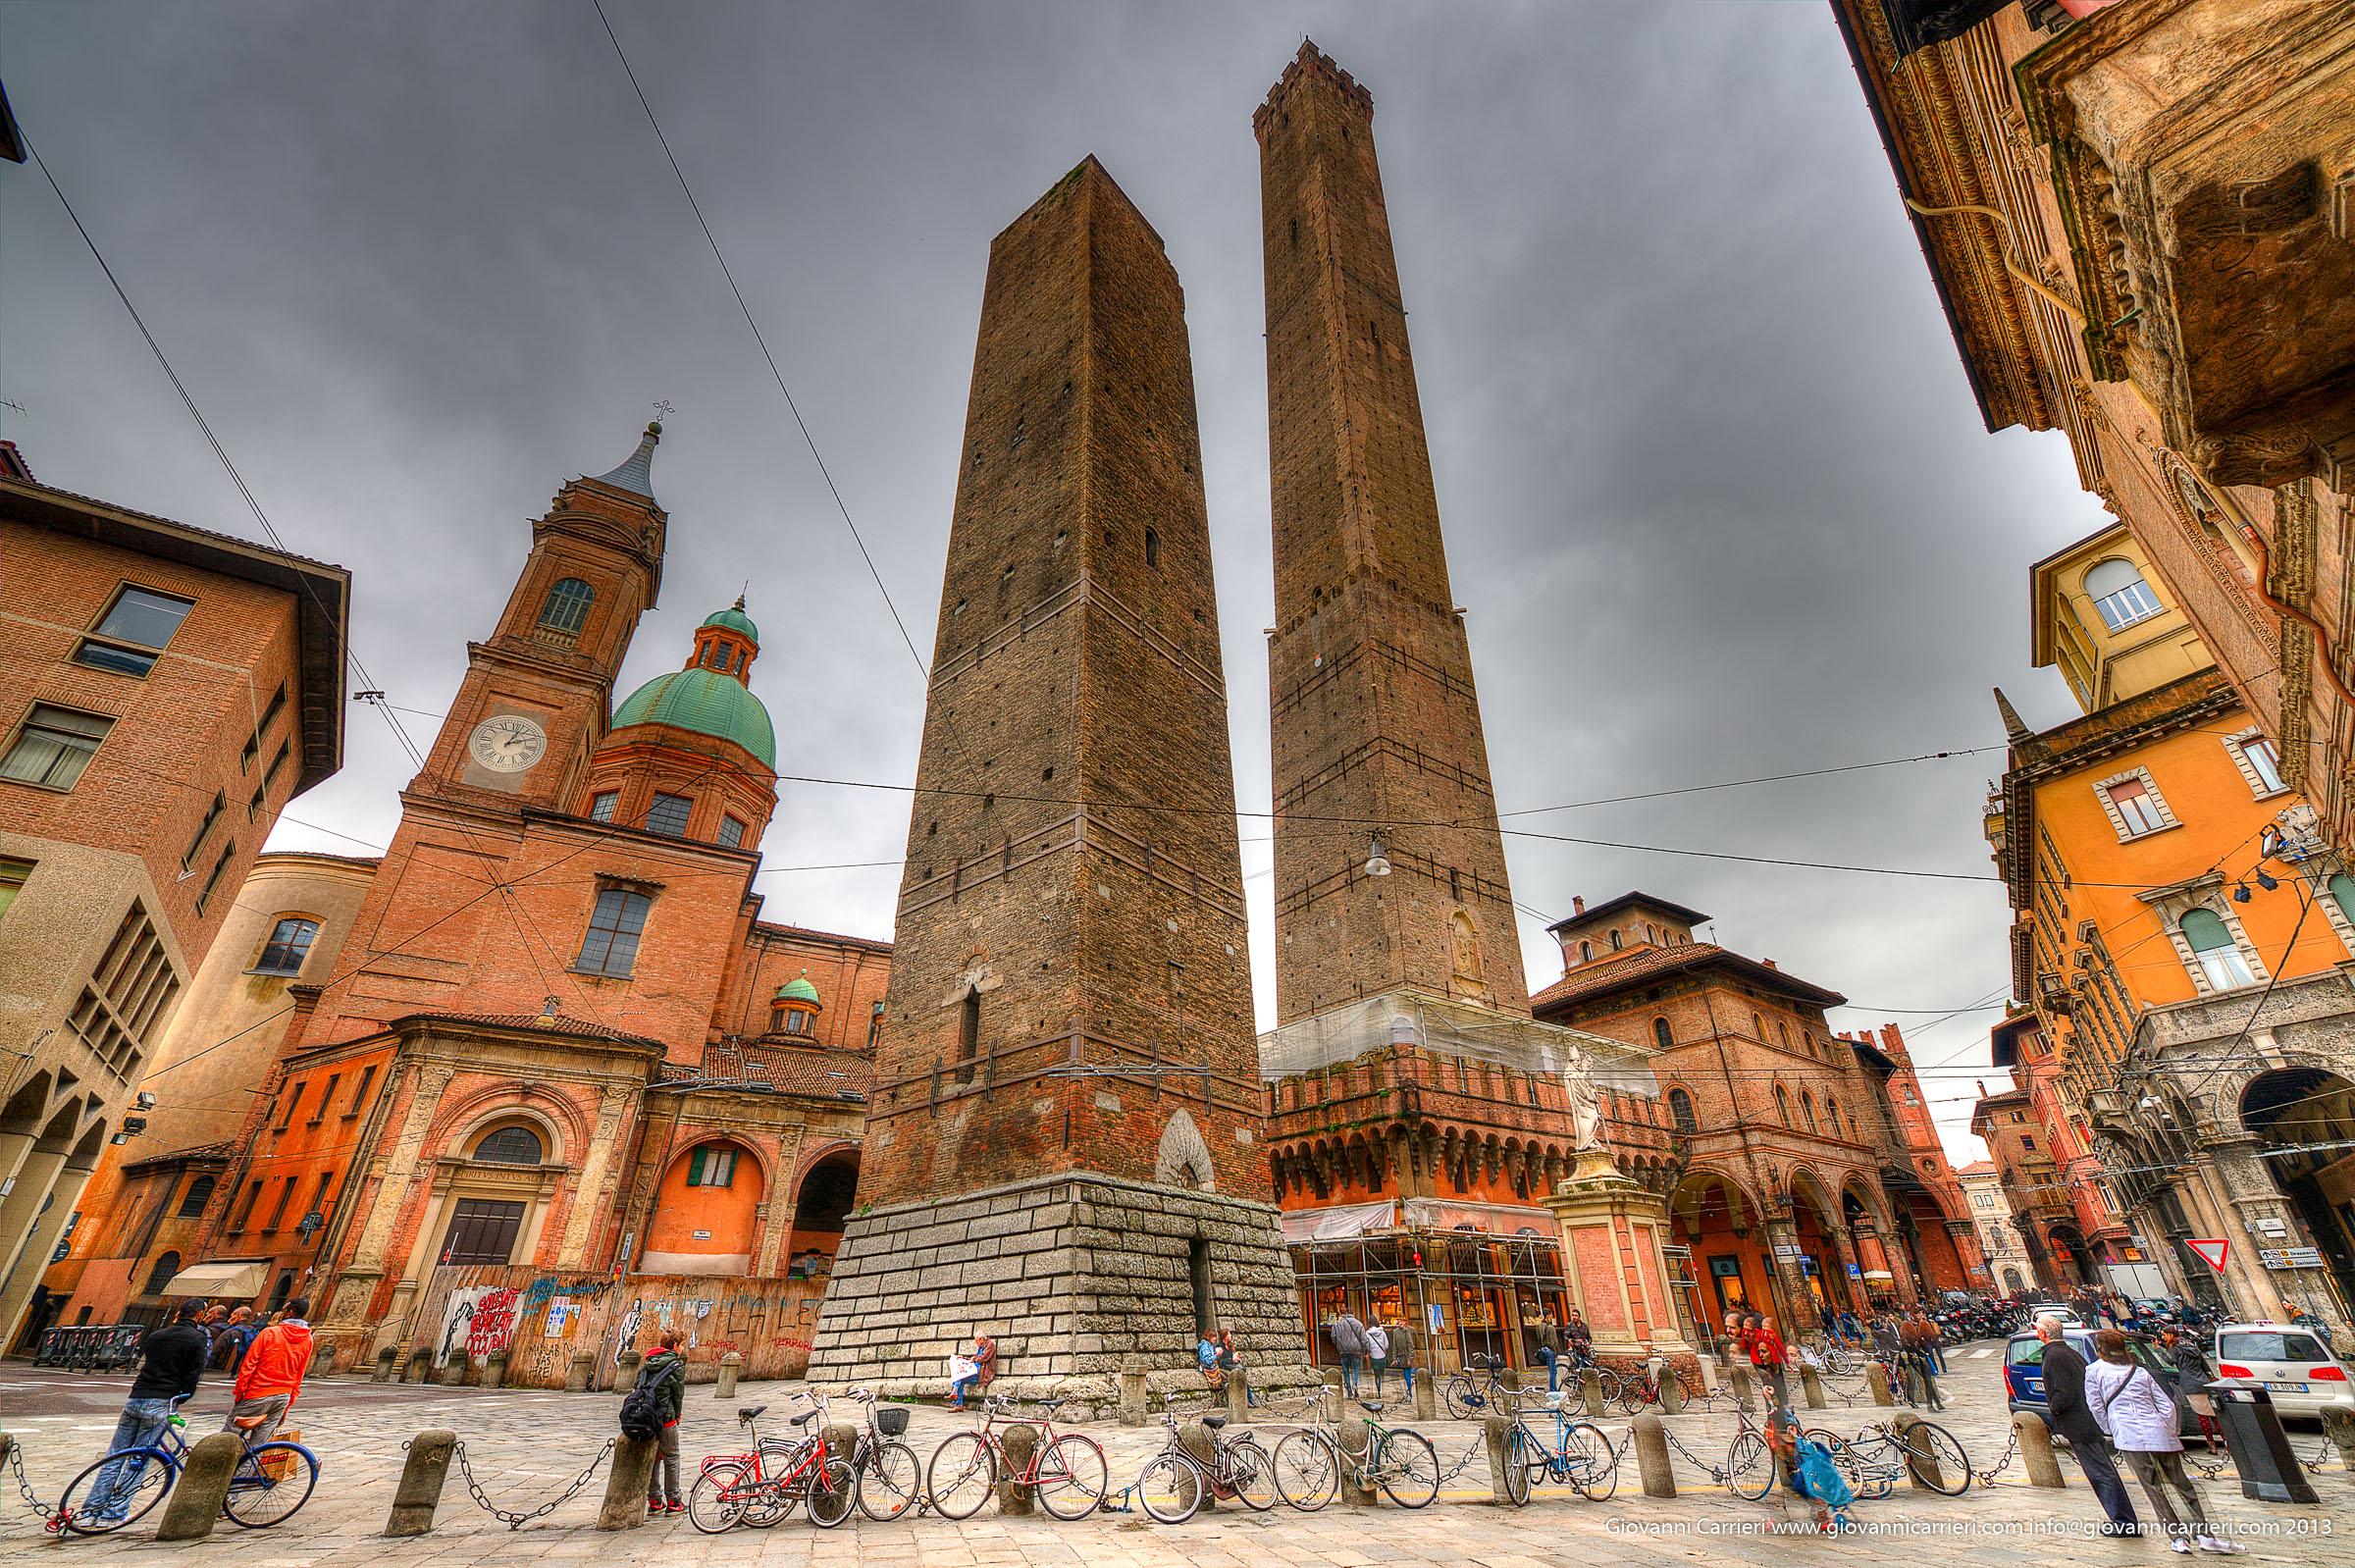 La torre Garisenda e la torre degli Asinelli - Bologna